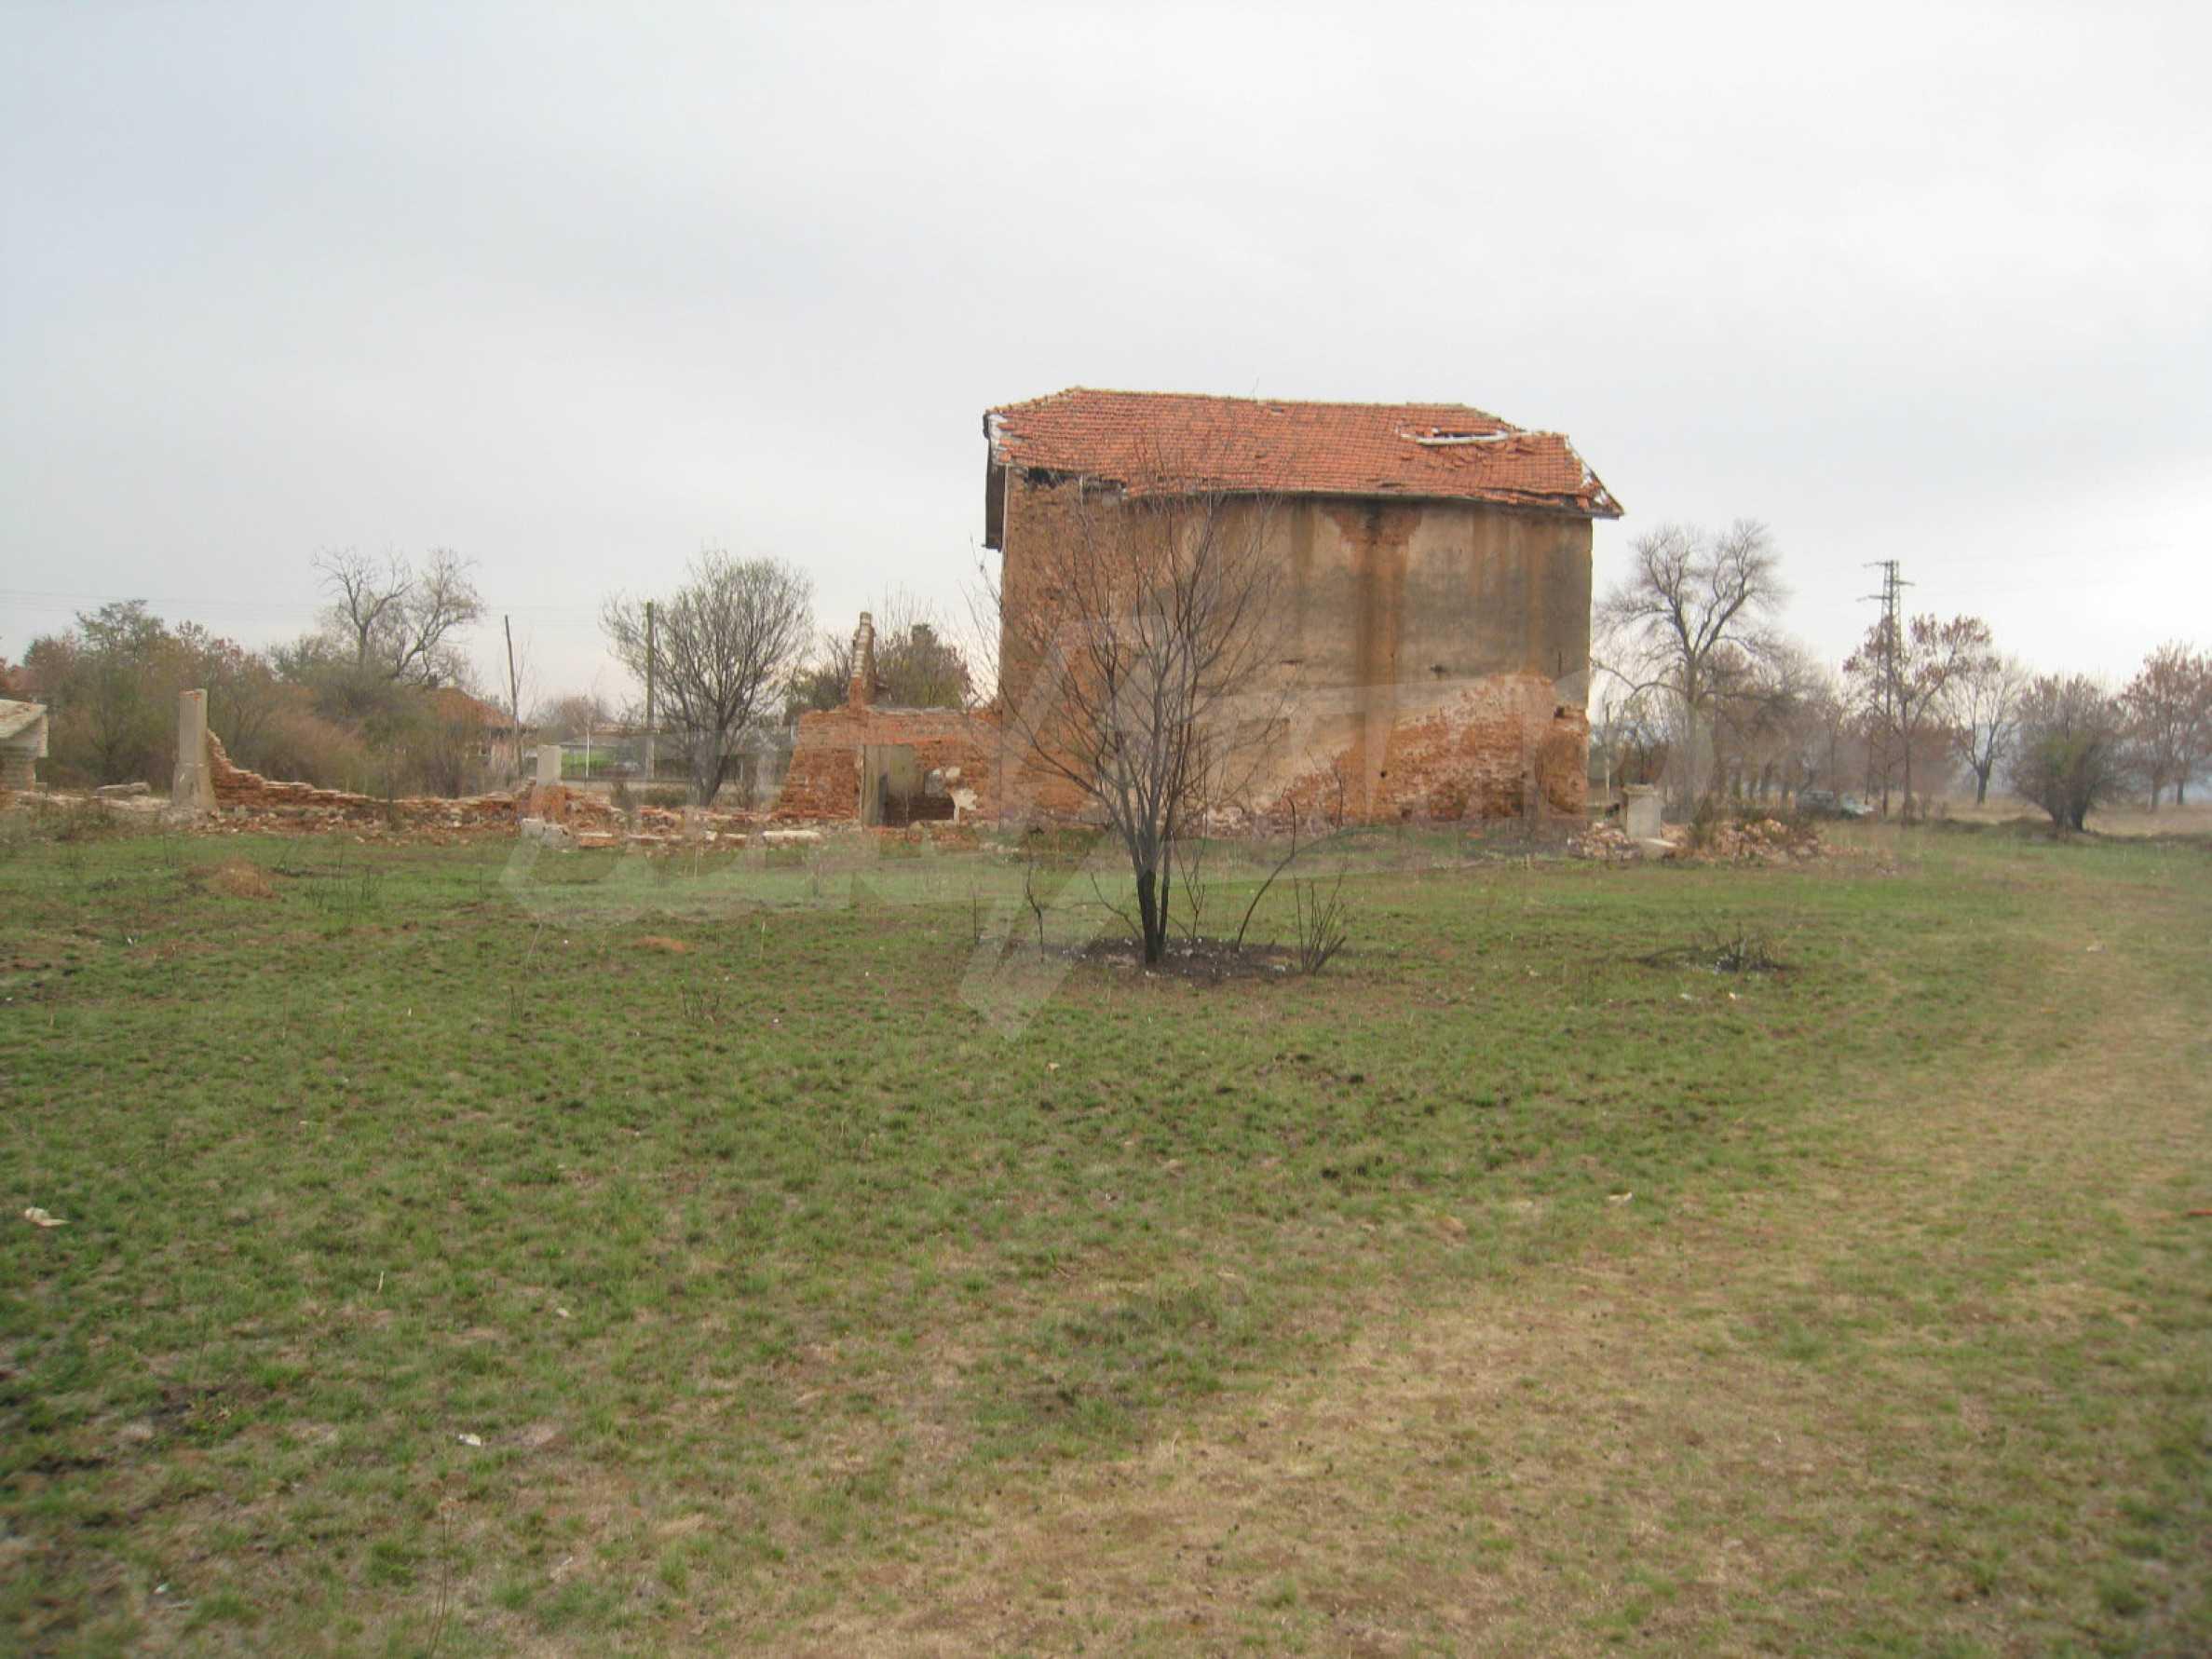 Solides dreistöckiges Gebäude (ehemalige Mühle) mit Hof in der Nähe von Elin Pelin 14